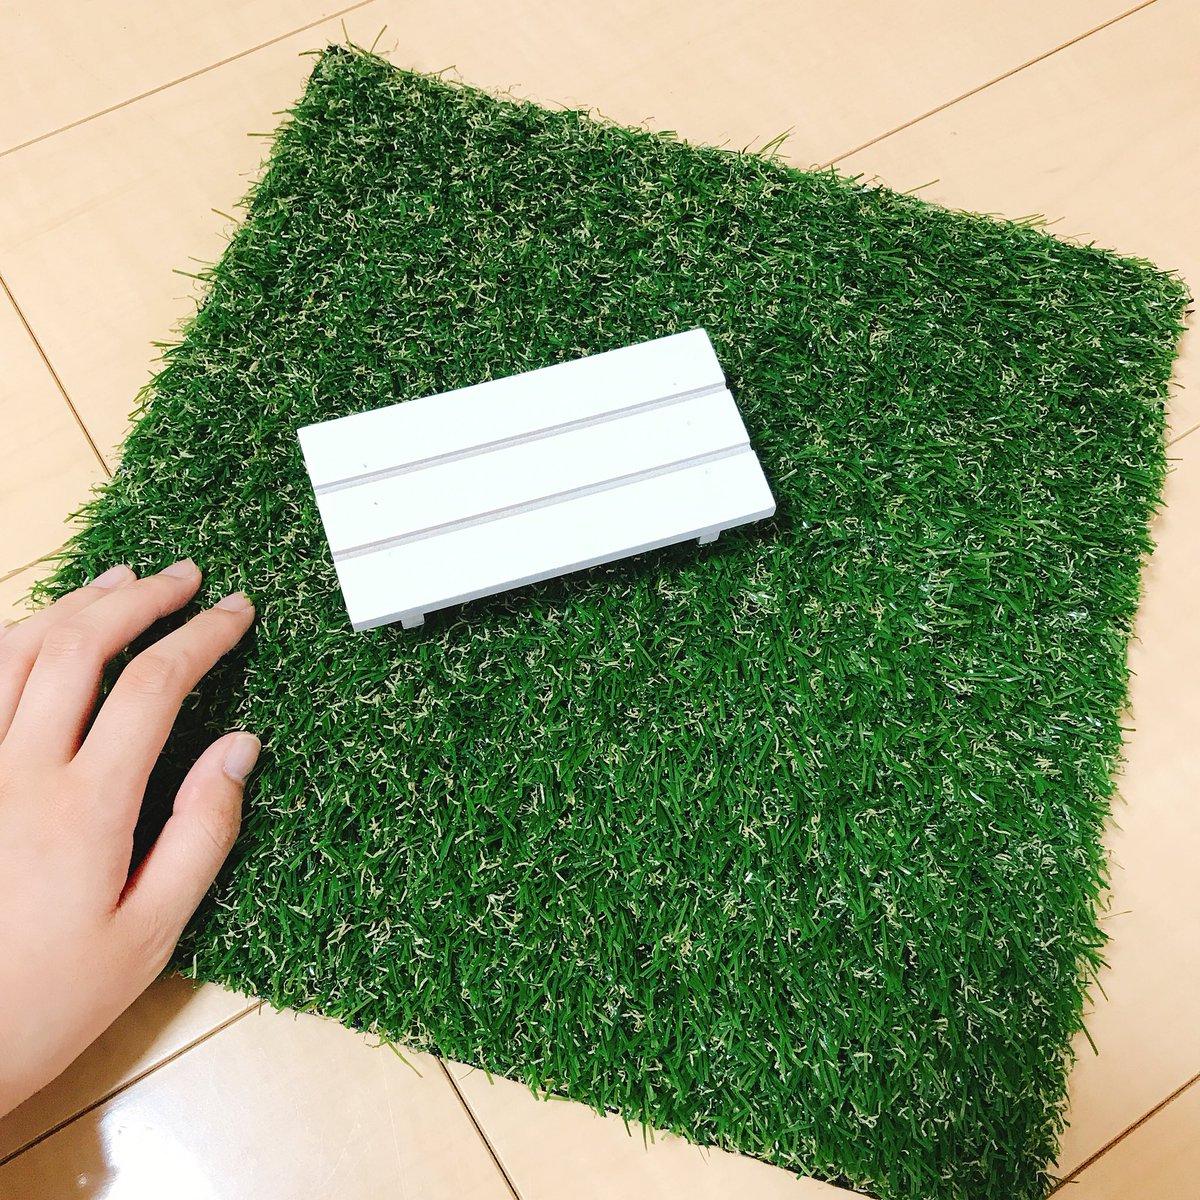 test ツイッターメディア - 消しゴムコレクションの撮影用小物として新しい人工芝を買ってきました DAISOのとSeriaのを見比べてみた結果Seriaのが好み?? 大きさもいい感じ? 抜け毛にはちょっと注意??です  #消しゴム #人工芝 #イワコー #iwako #Seria https://t.co/MqUPKhCzfb